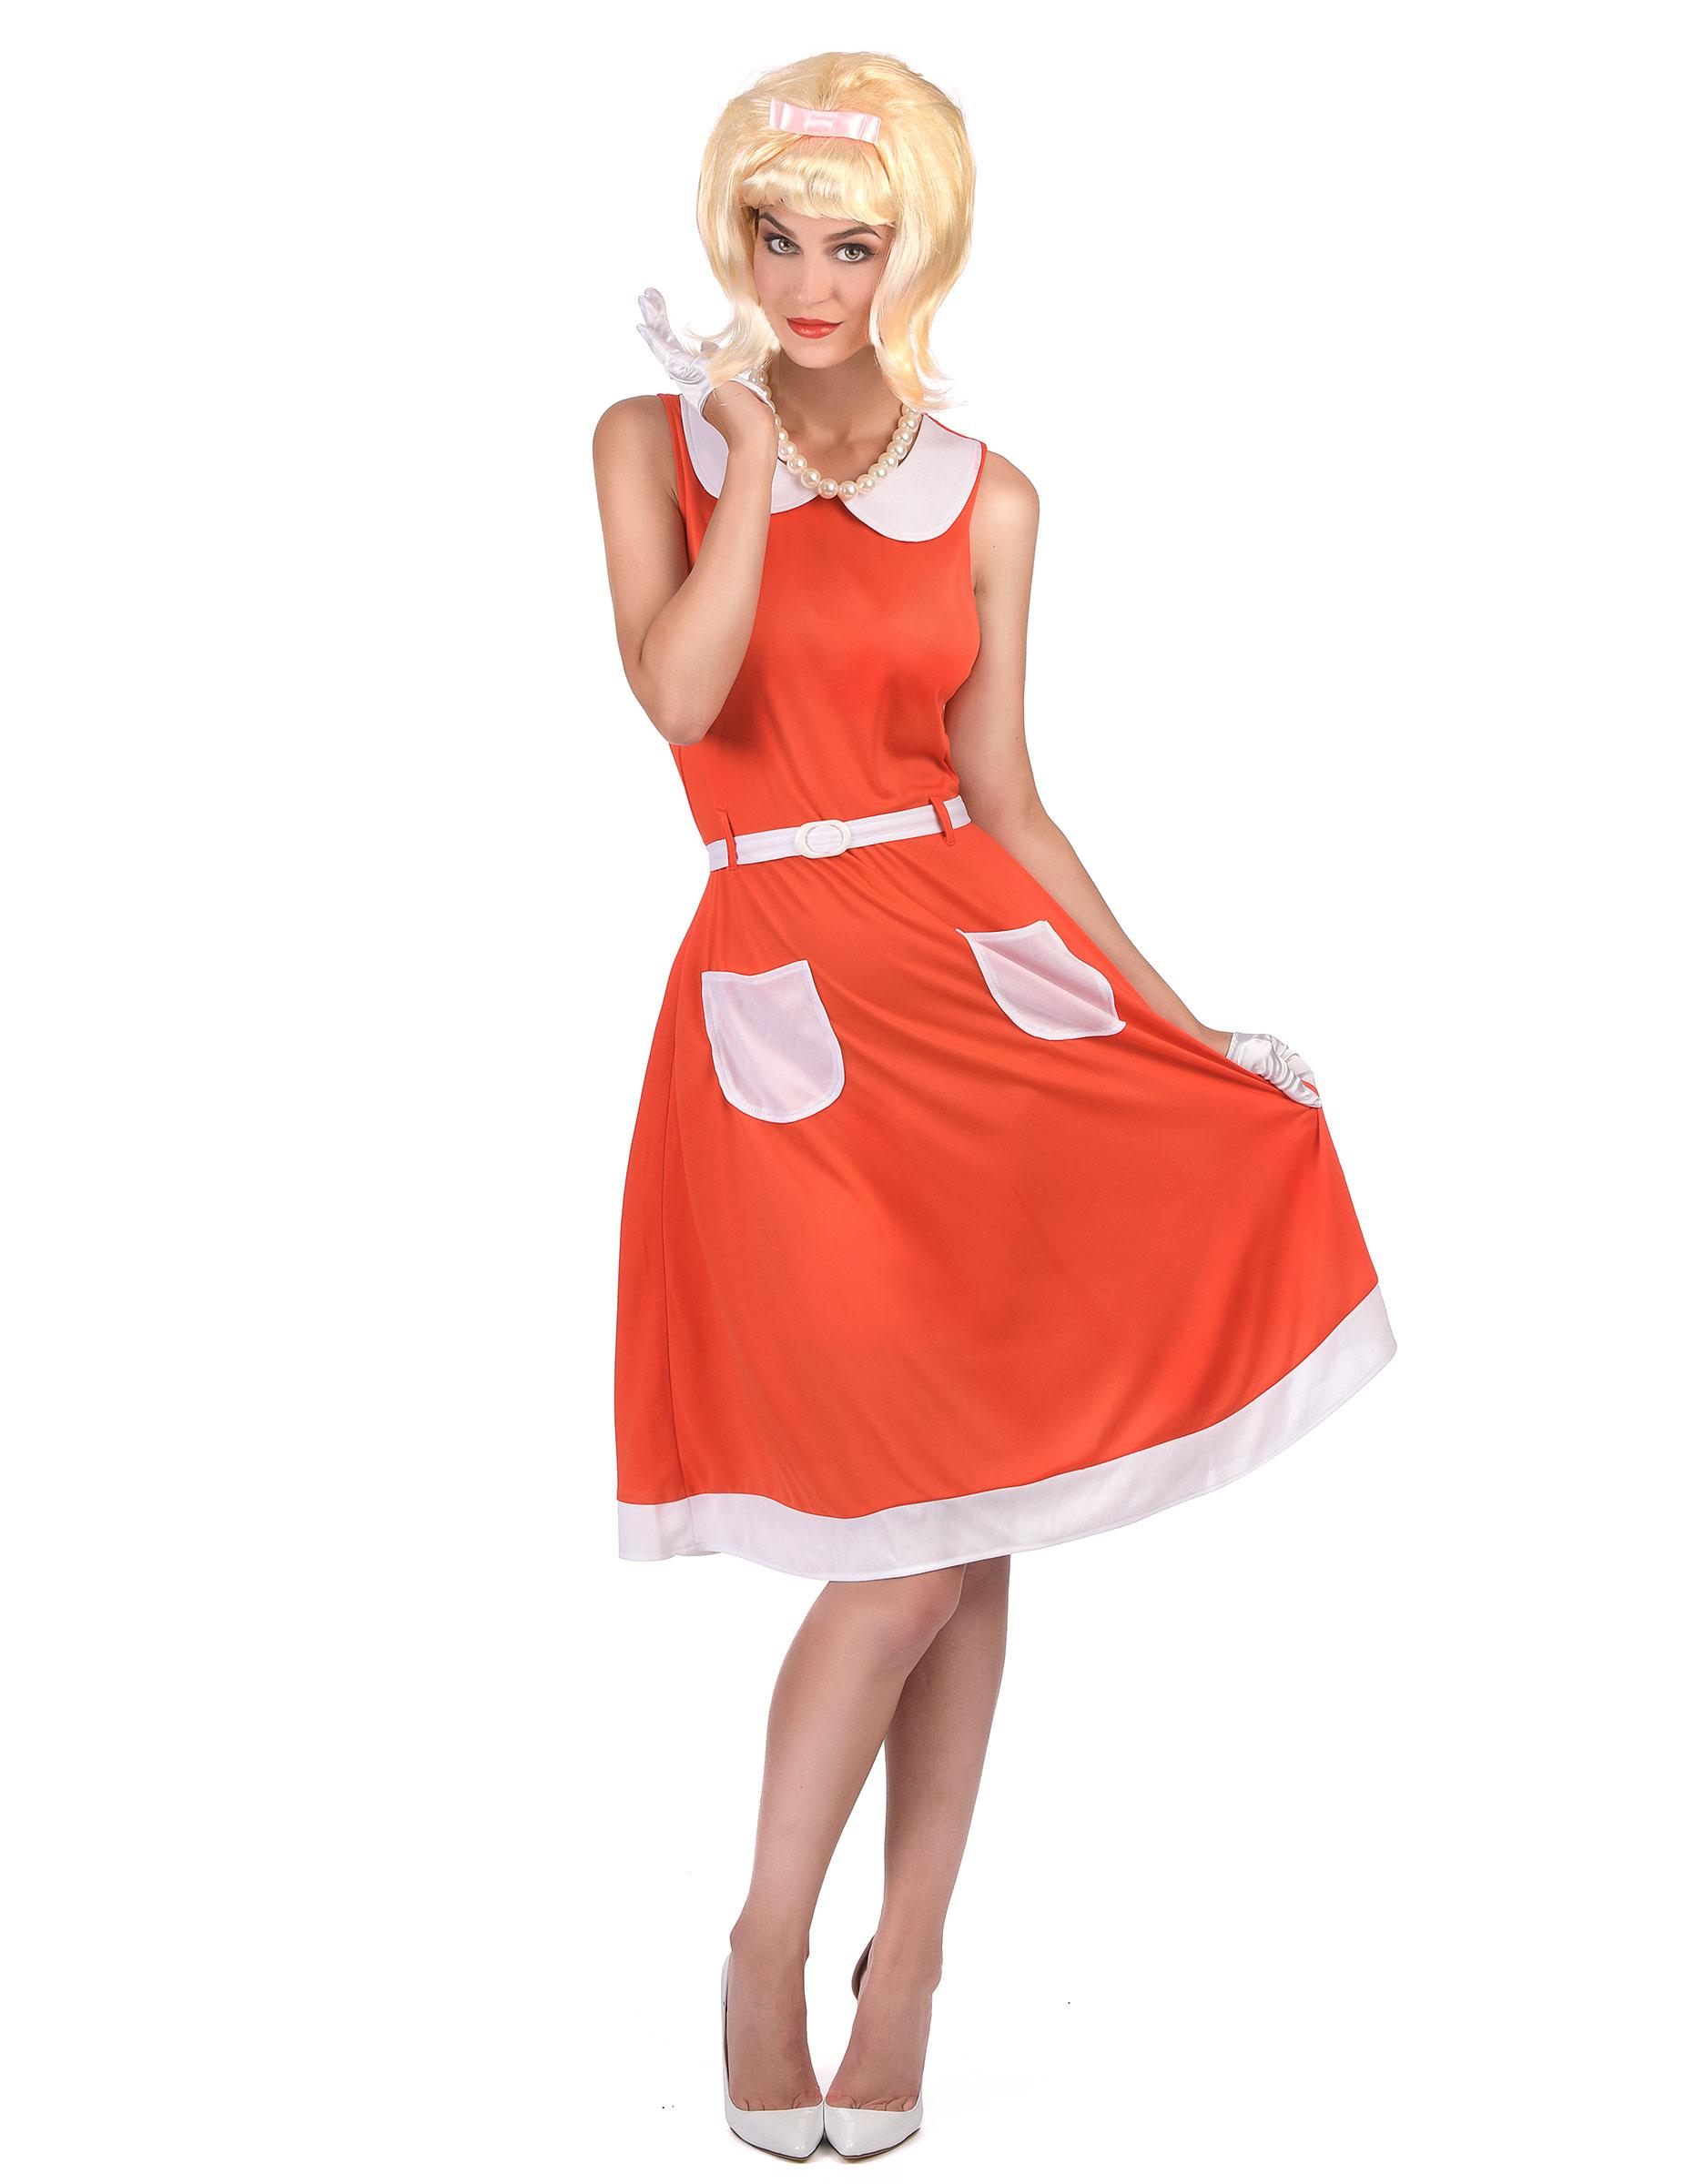 Vintage klänning till 50- och 60-talsmaskeraden för vuxna f9228aeac8e9f